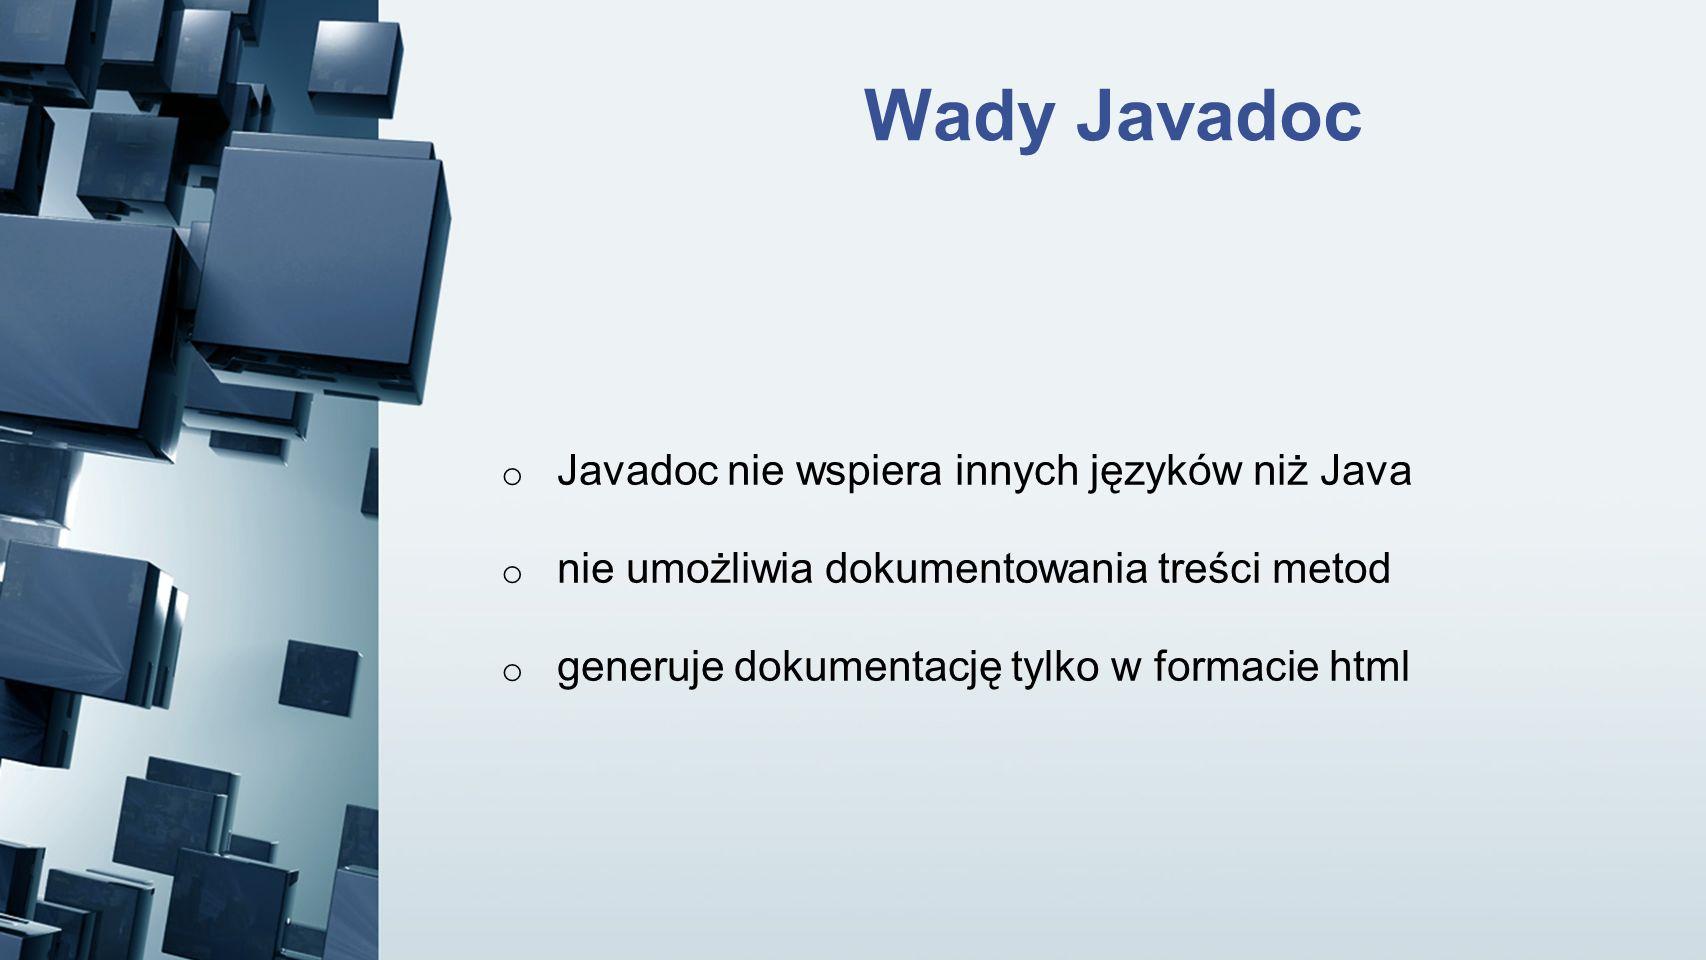 Wady Javadoc Javadoc nie wspiera innych języków niż Java